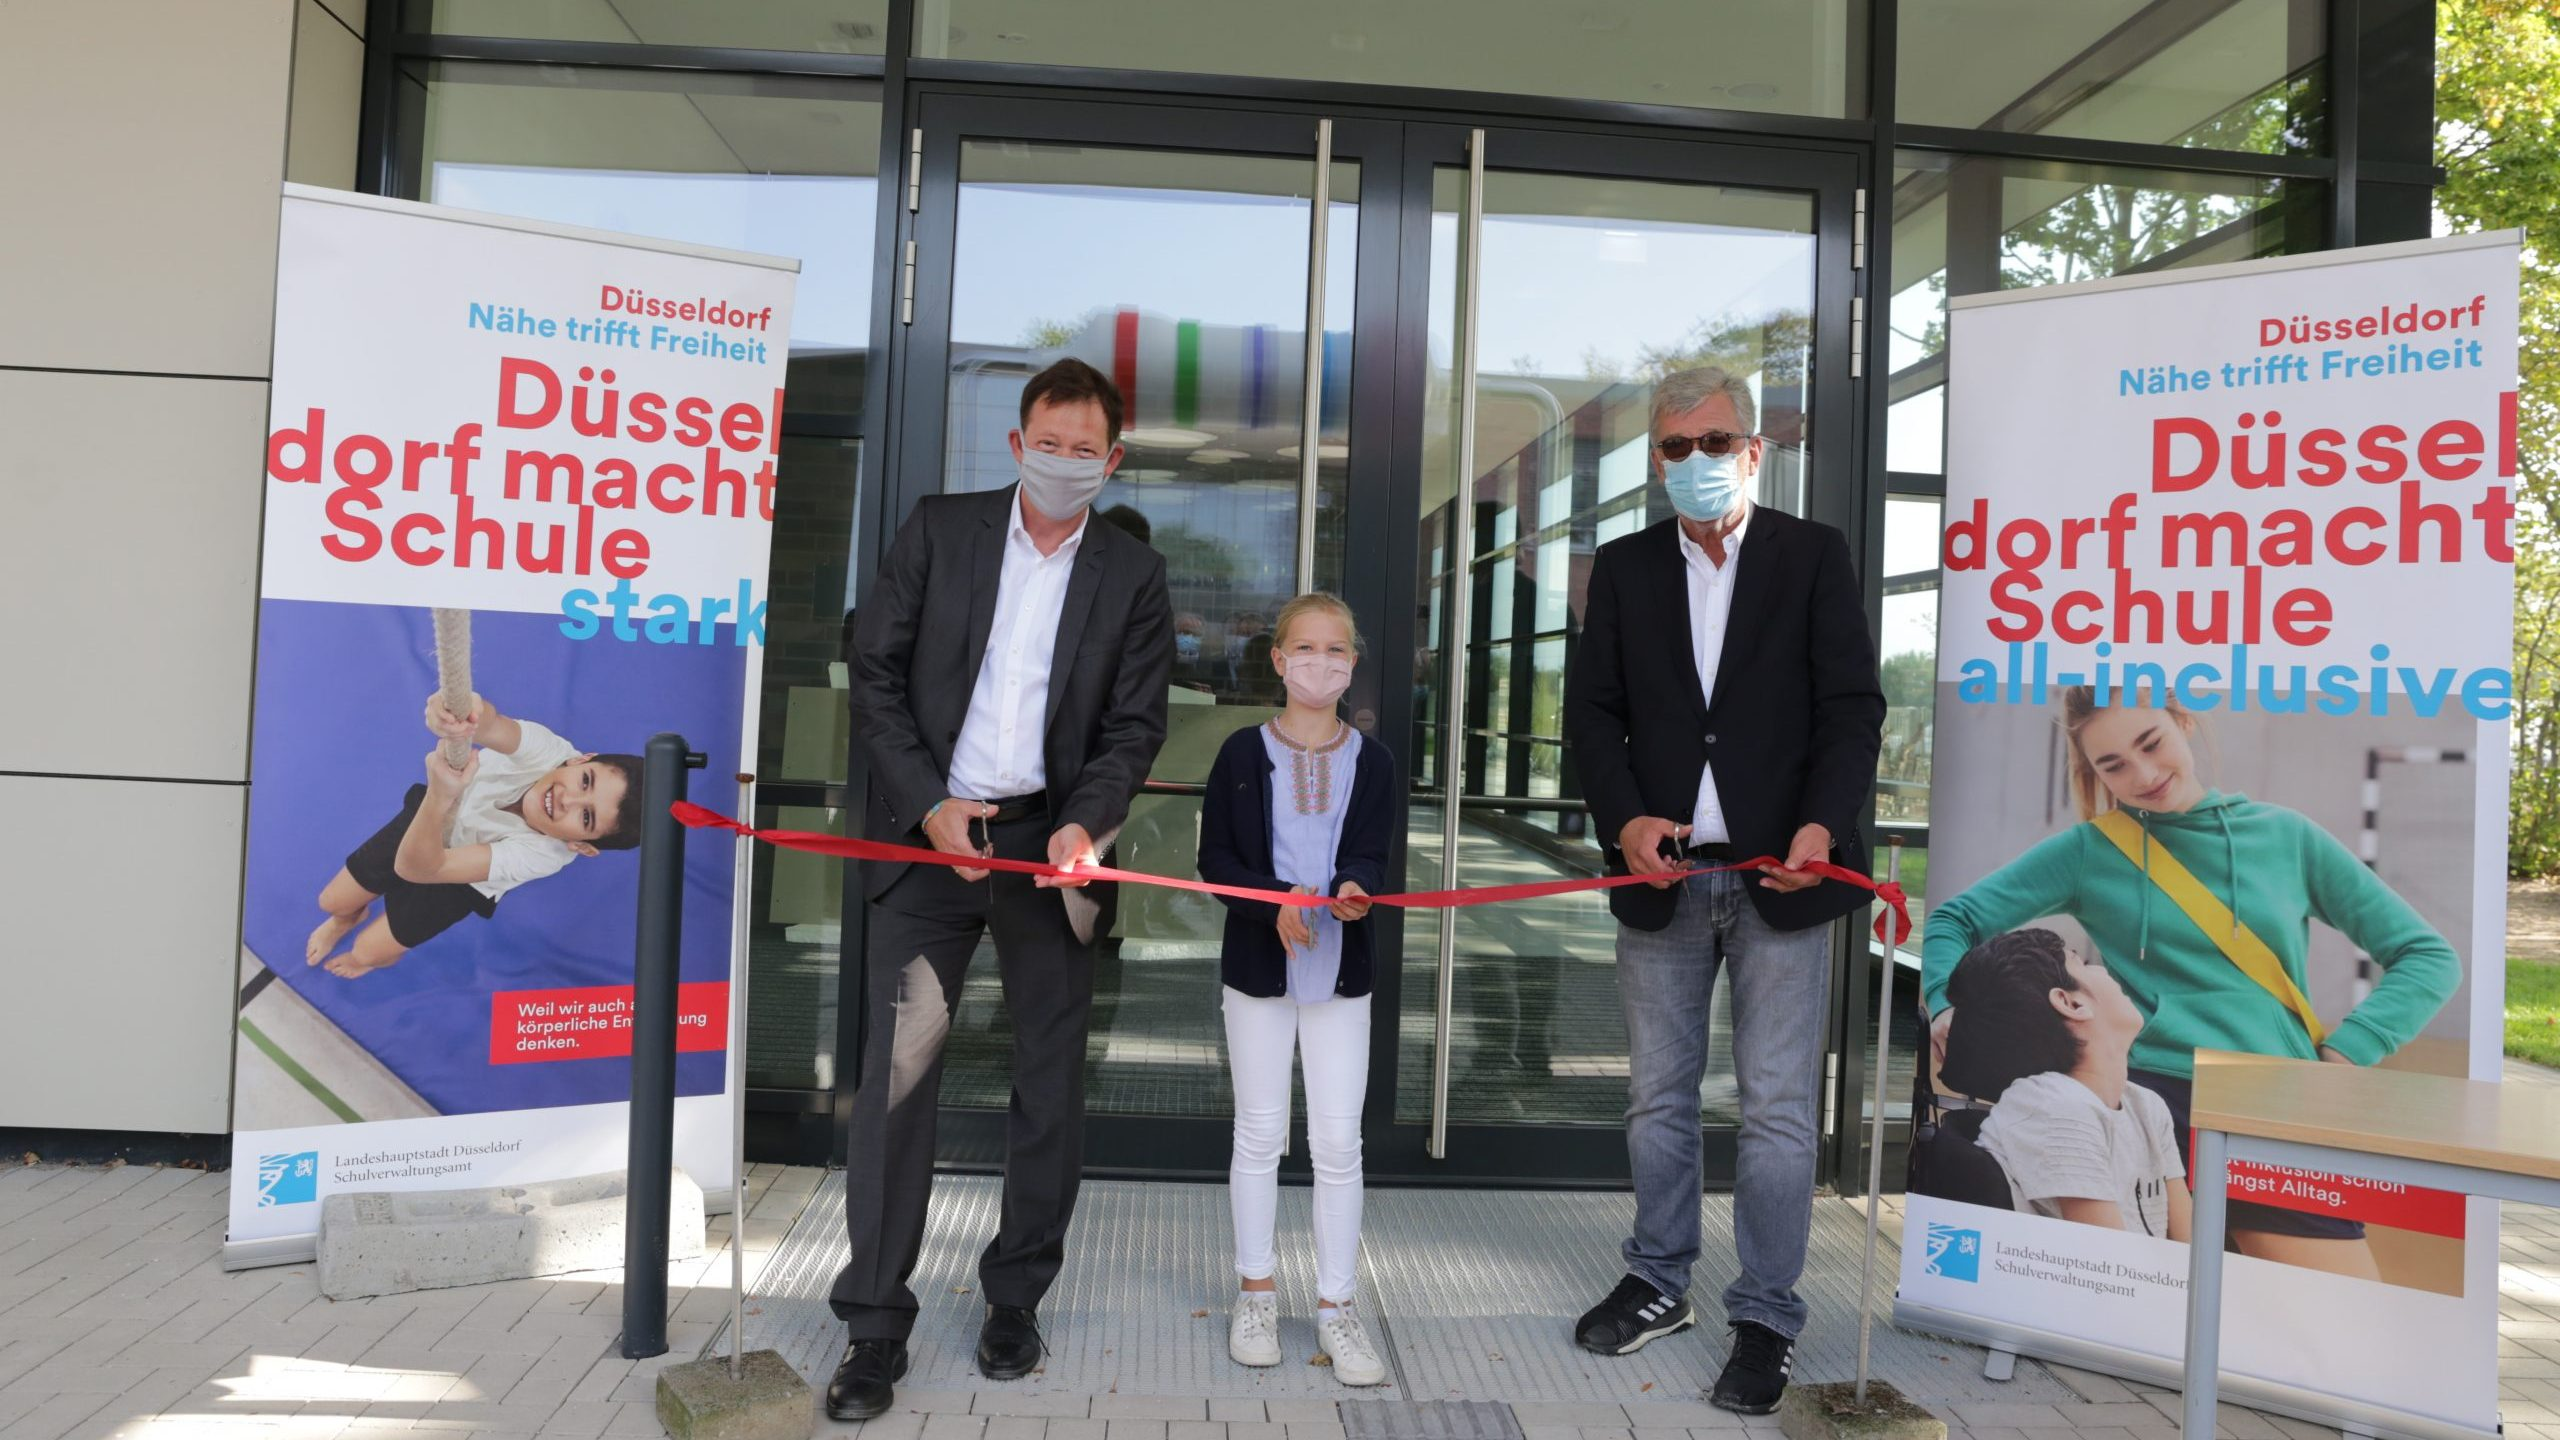 Neue Halle für den Schul- und Vereinssport offiziell eröffnet